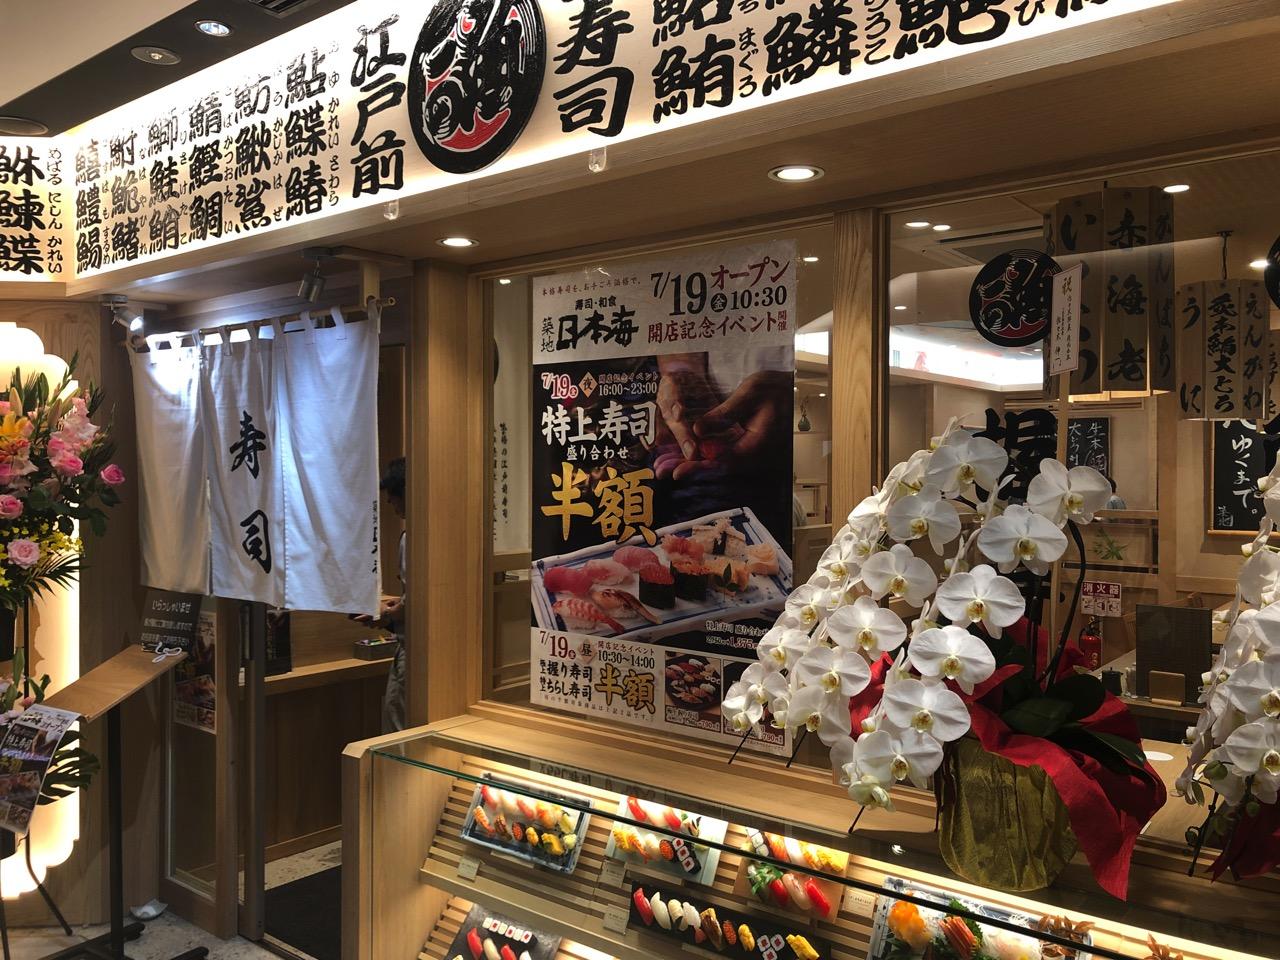 【池袋】新名所「キュープラザ」にリーズナブルな寿司店「築地日本海」がオープンしたので行ってみました